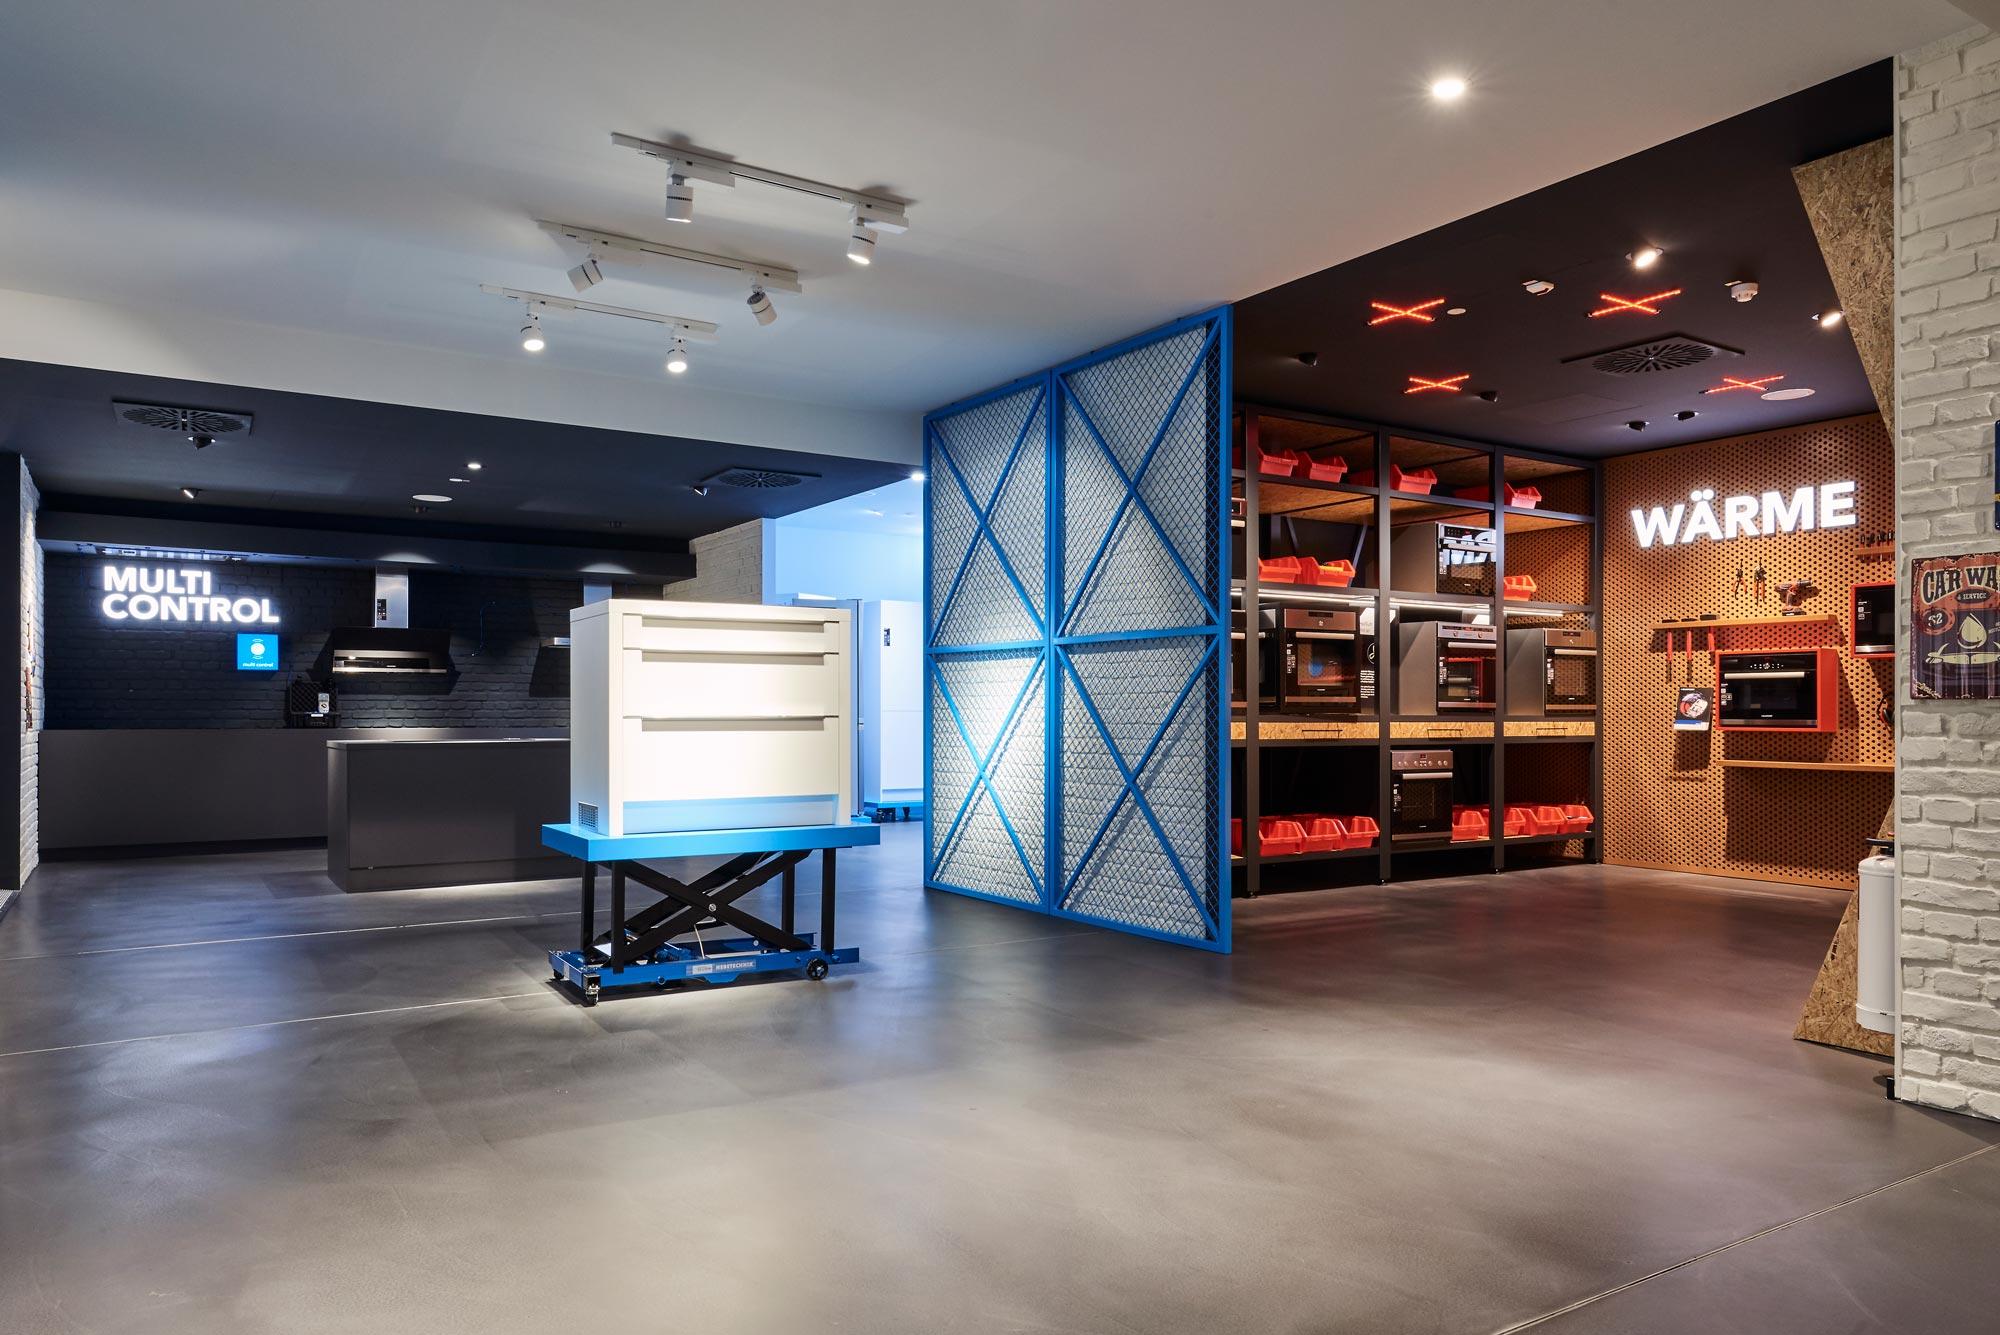 h cker k chen moysig. Black Bedroom Furniture Sets. Home Design Ideas